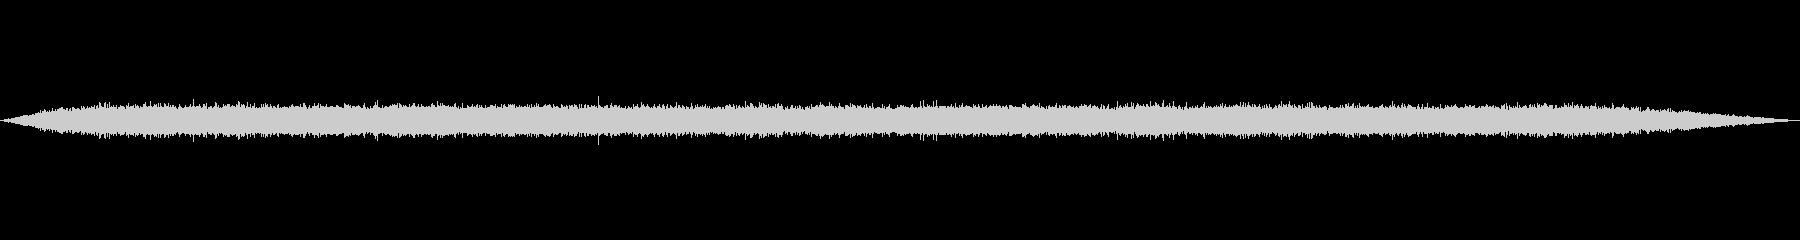 山形県尾花沢市 銀山温泉街の滝の音の未再生の波形